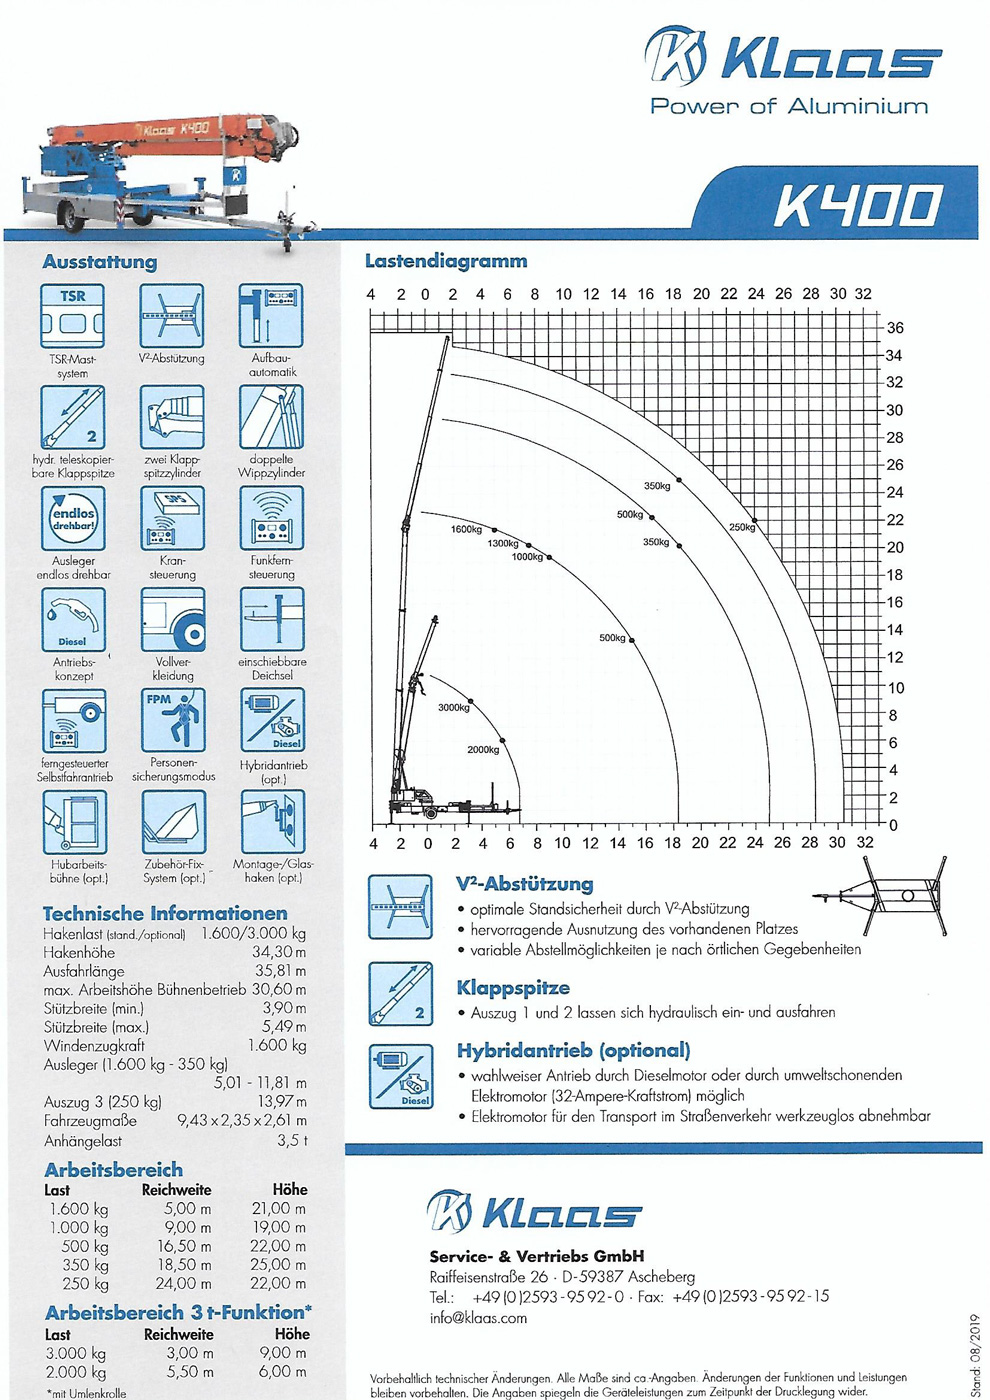 Leistungsdiagramm-Klass-K-400